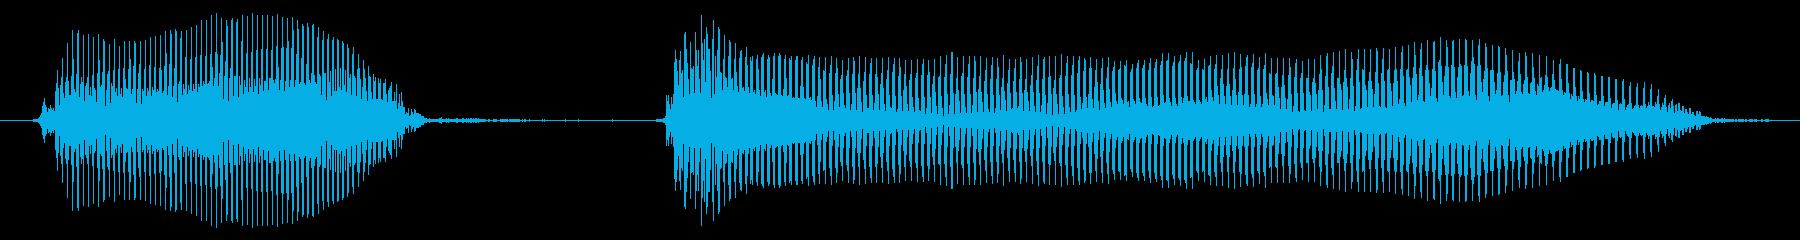 ダウトーの再生済みの波形